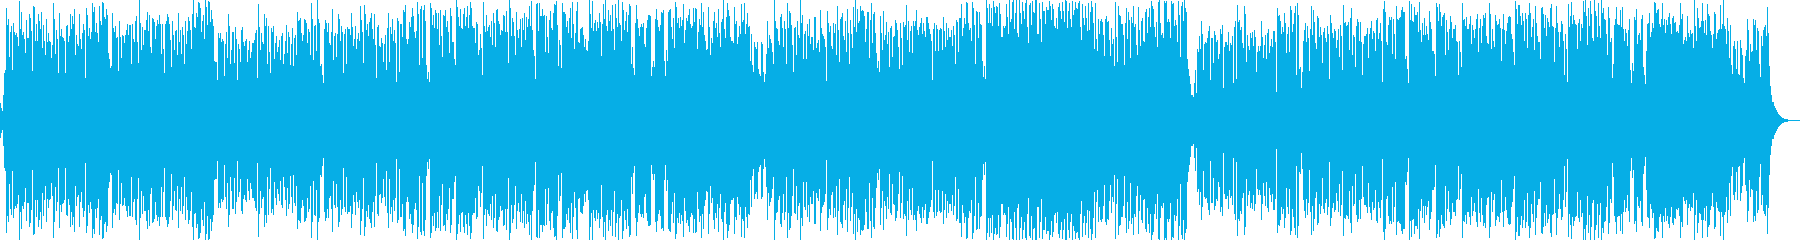 うきうきハロウィン、明るくポップなお化けの再生済みの波形